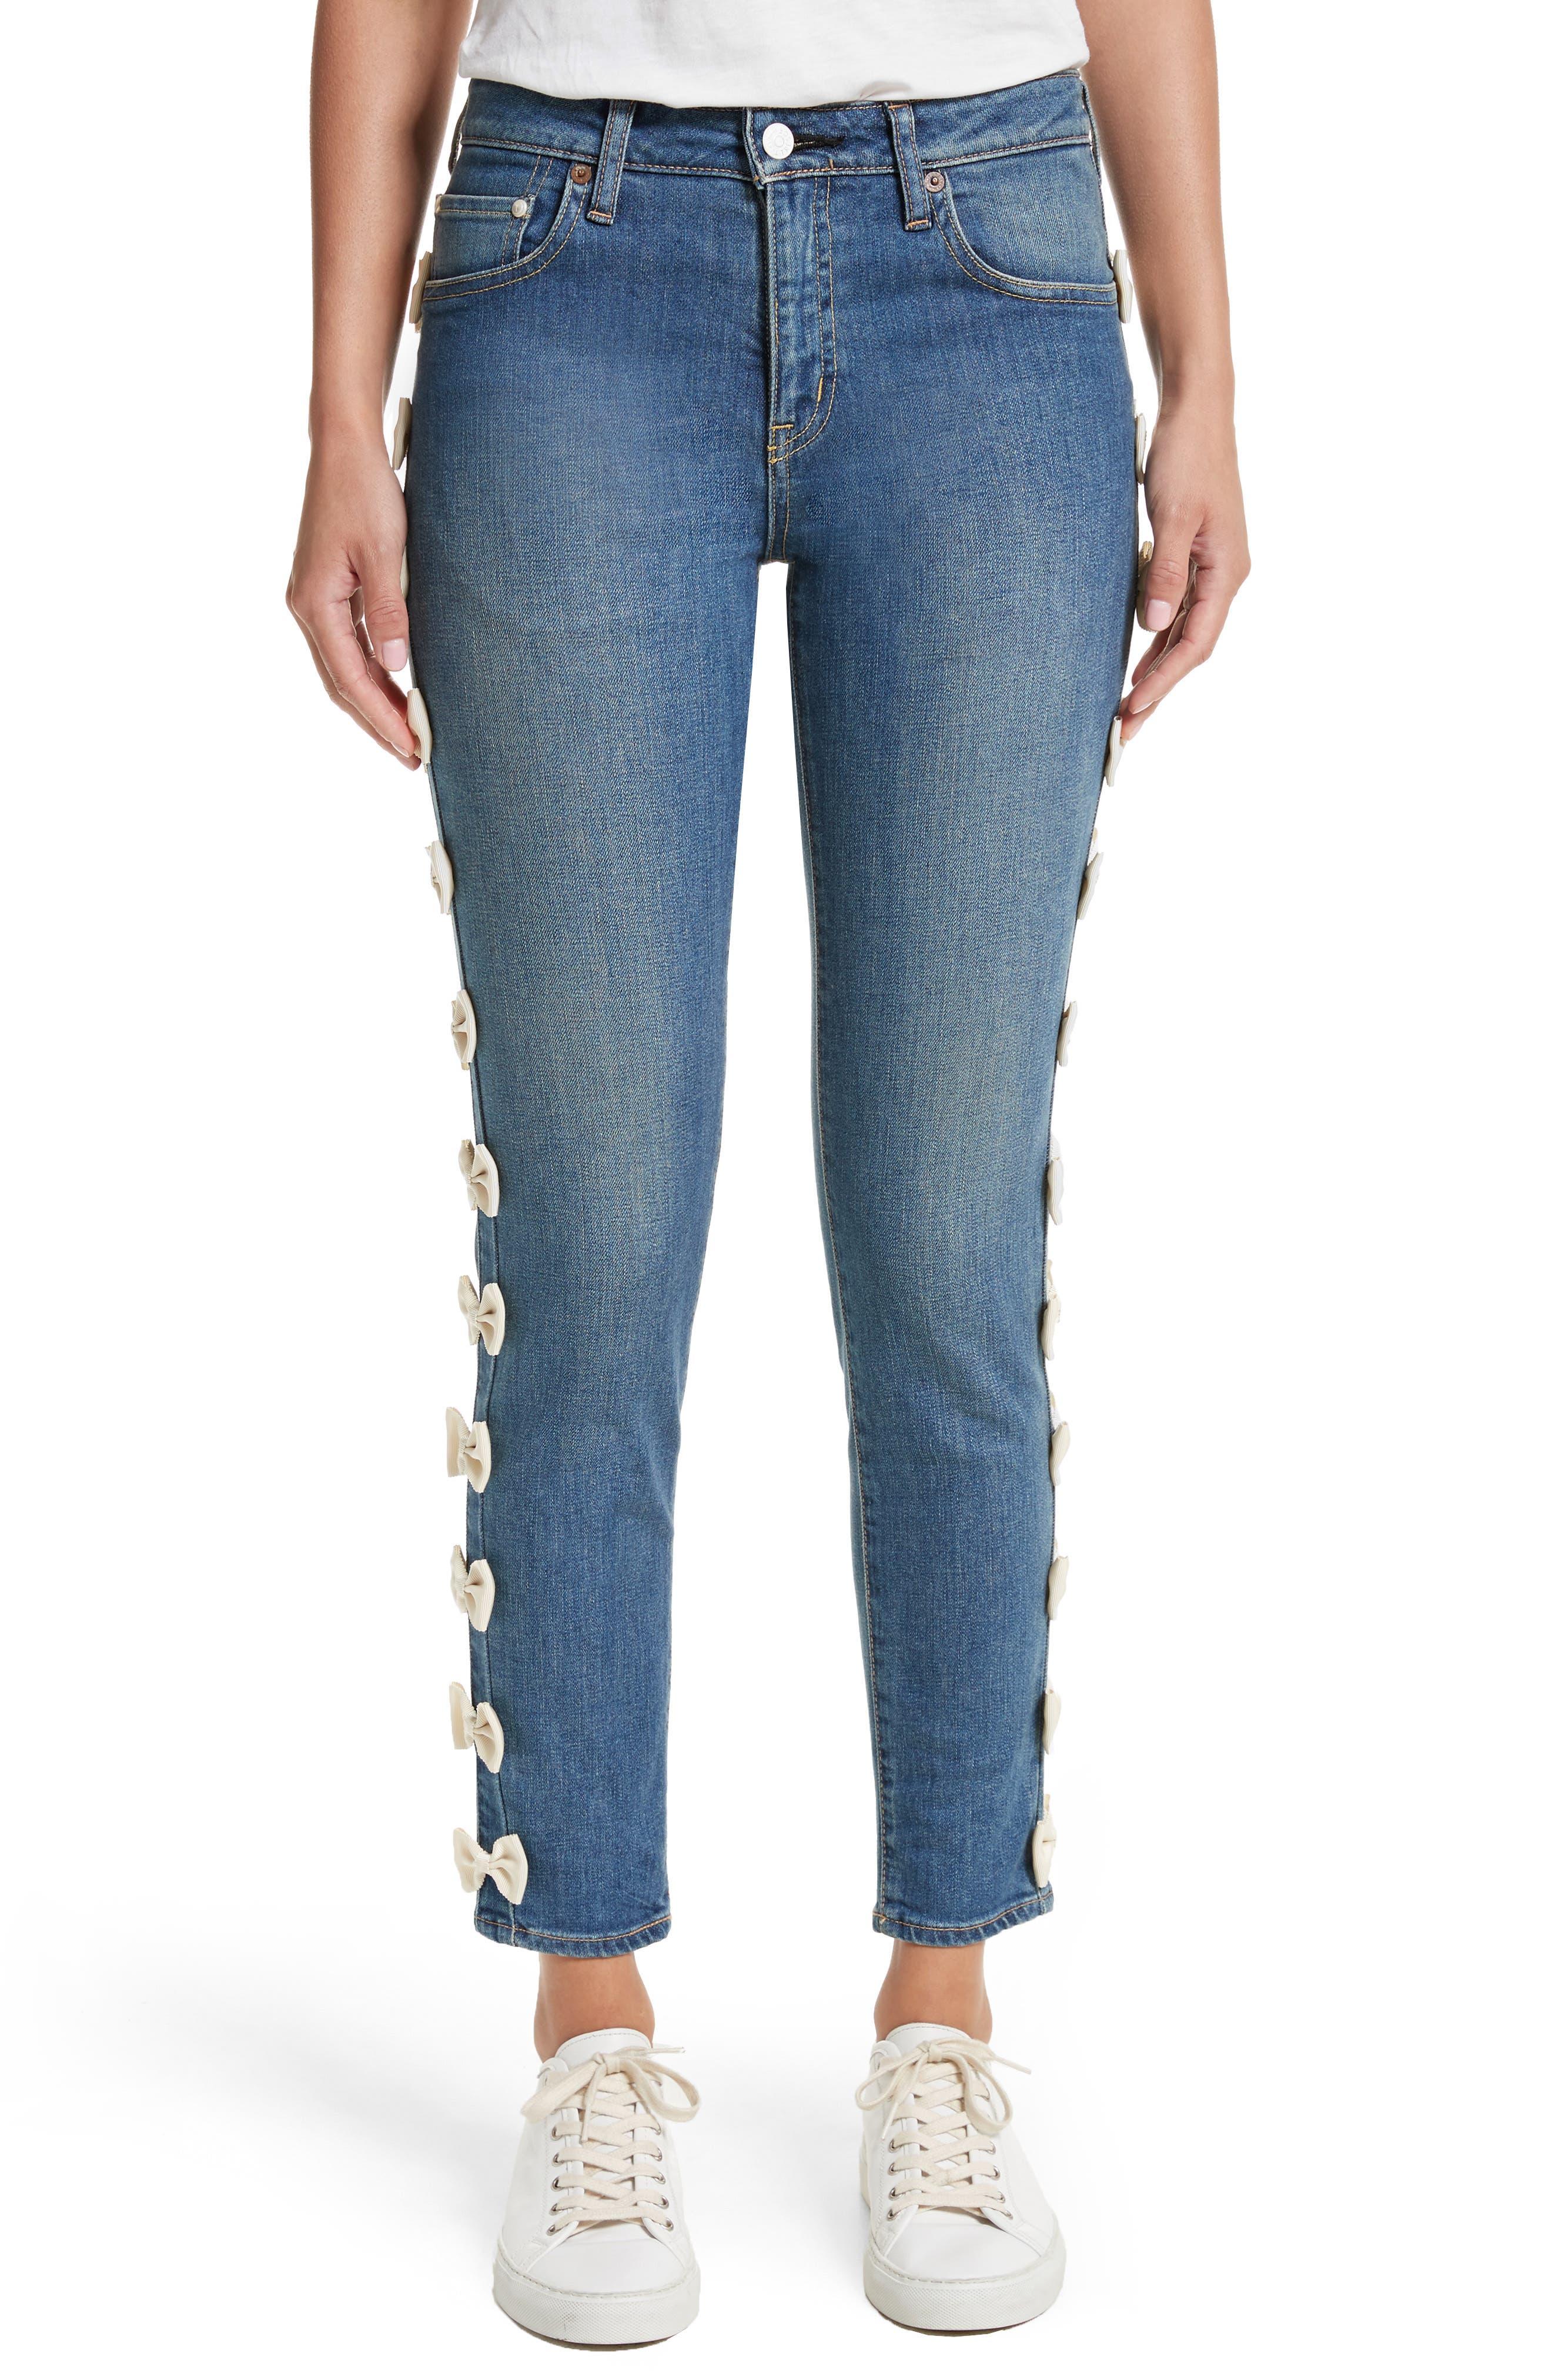 Grosgrain Bow Embellished Jeans,                         Main,                         color, Blue Ivory